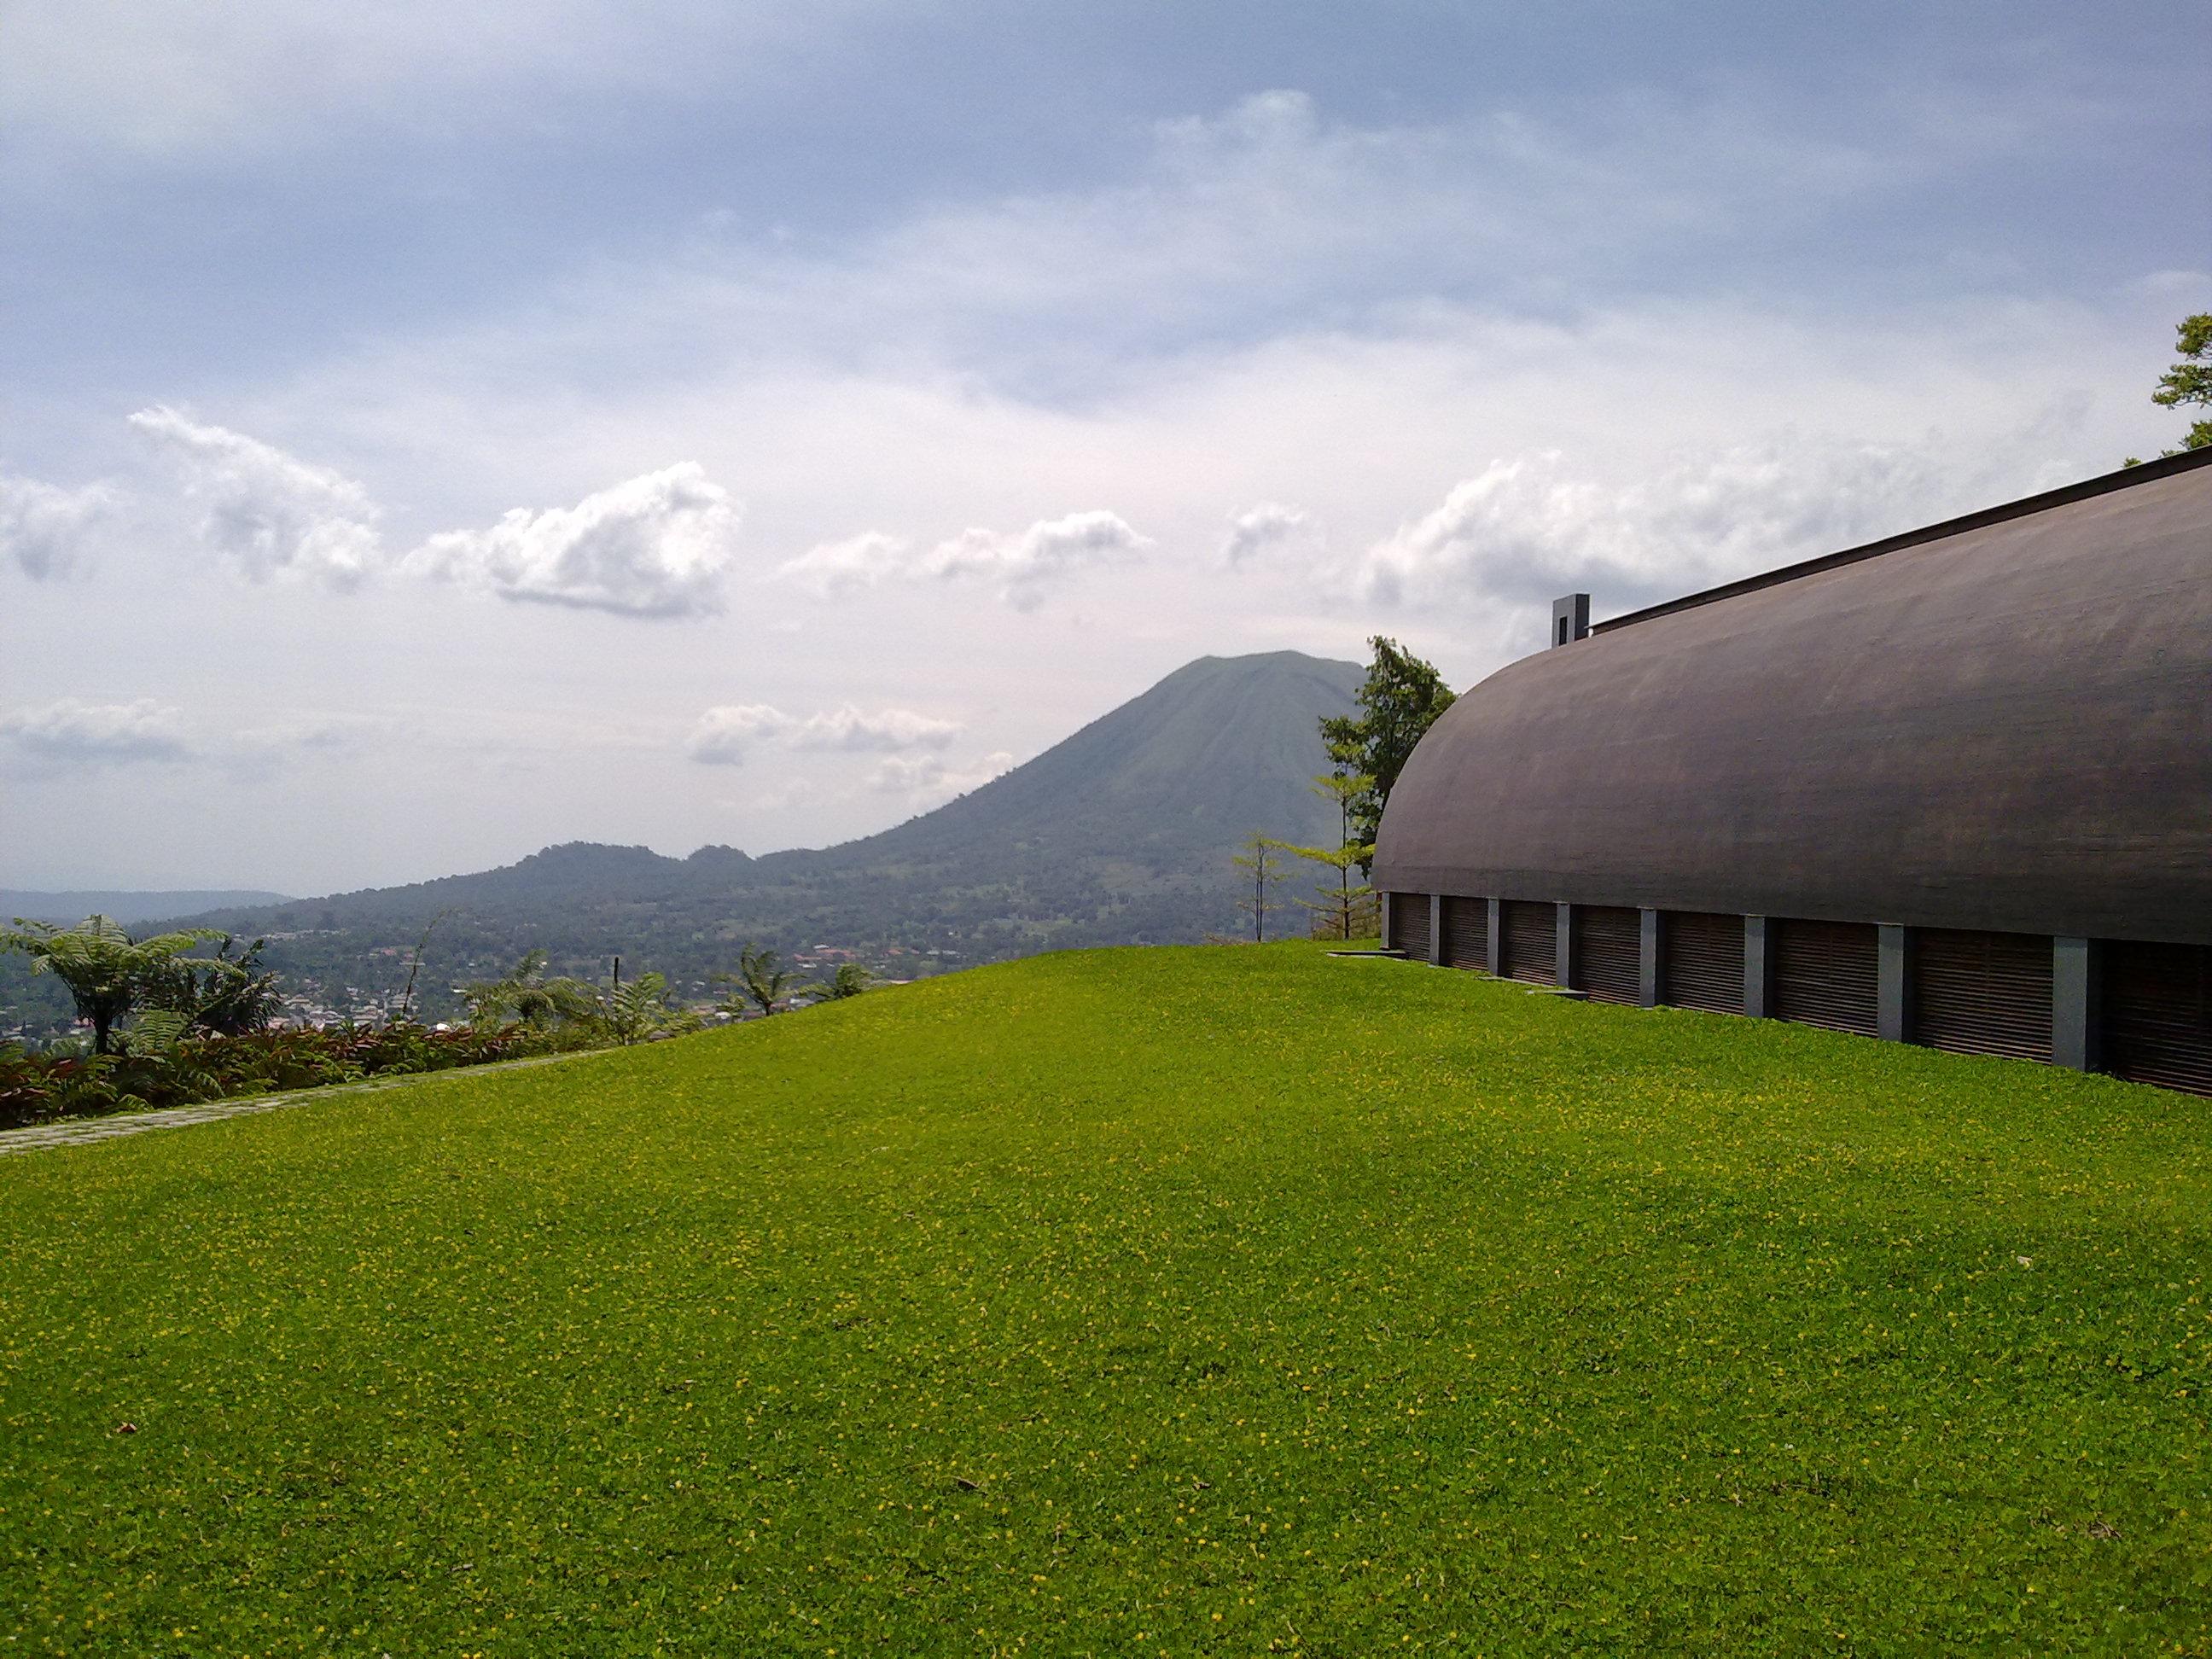 Objek Wisata Religius Bukit Doa Tomohon